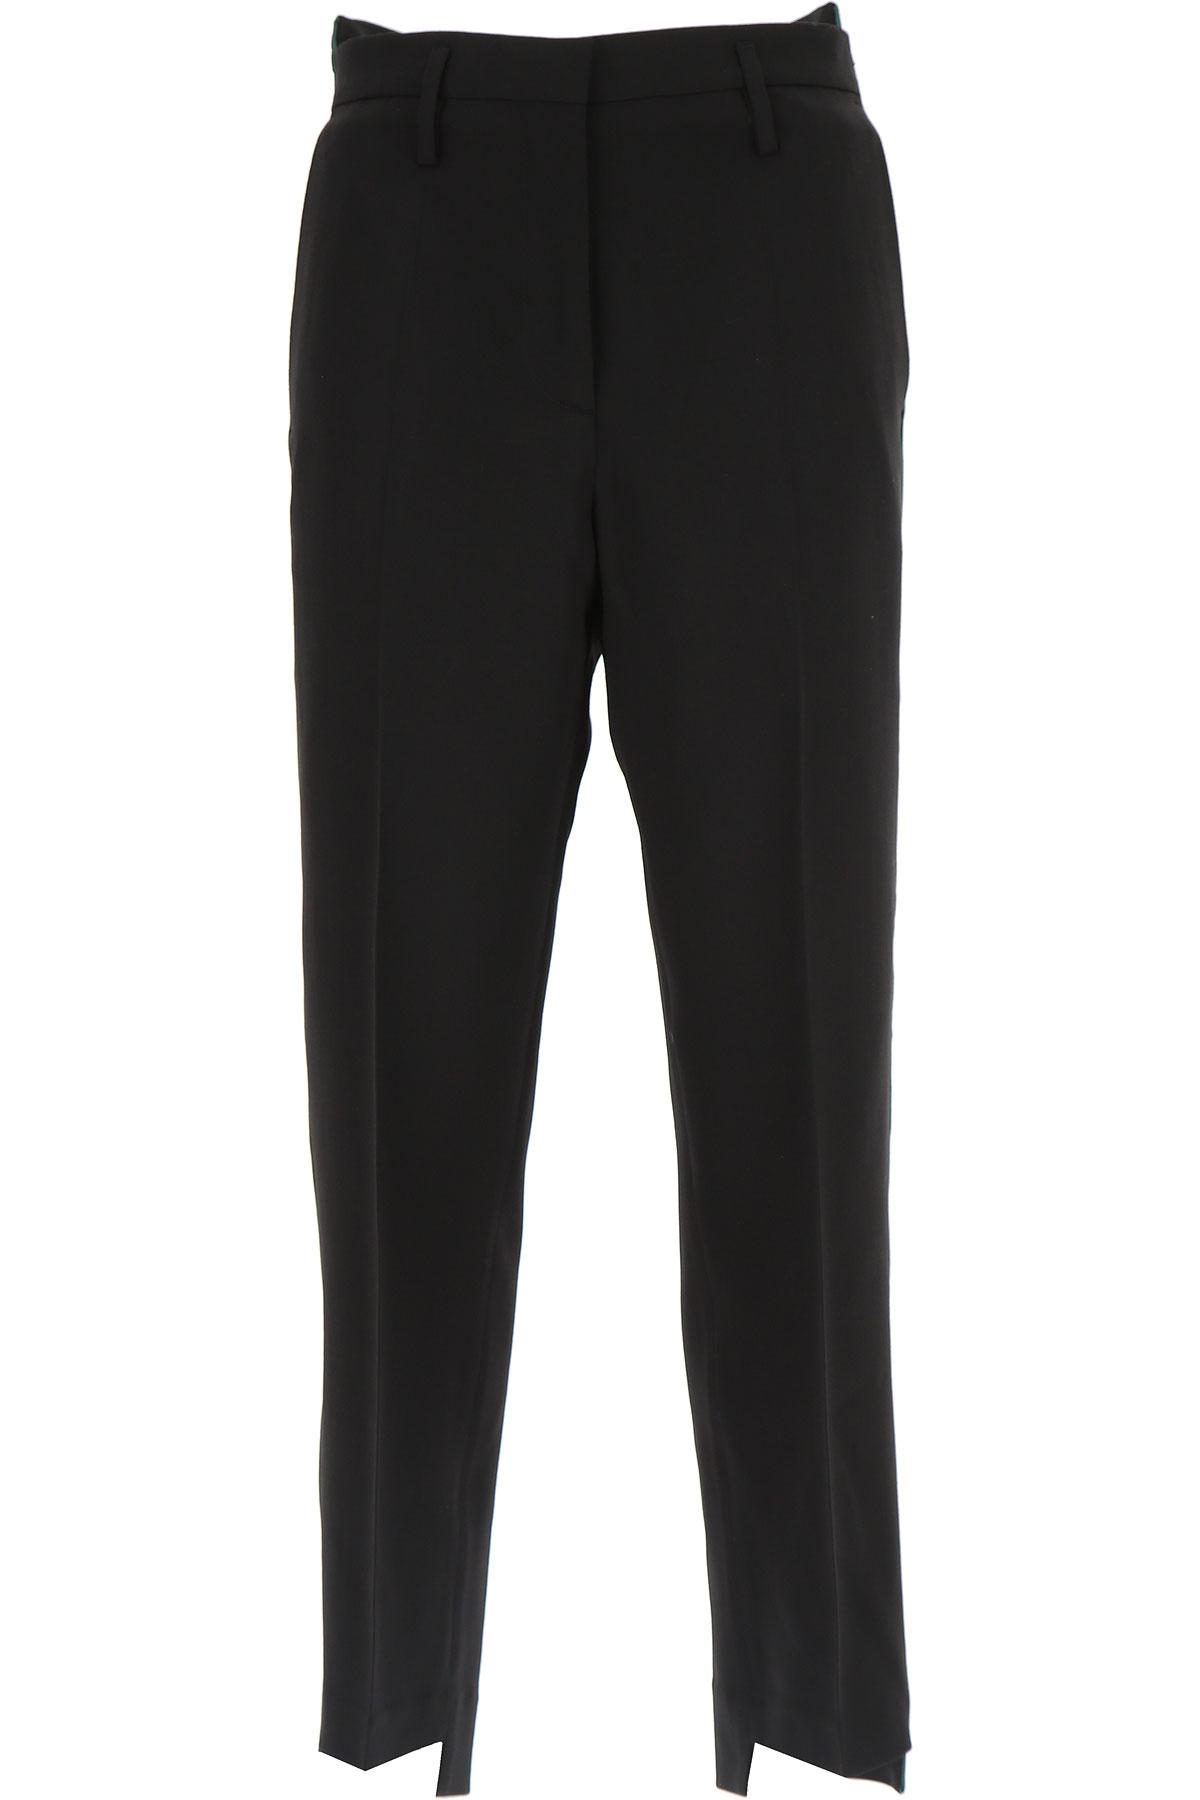 Golden Goose Pants for Women On Sale, Black, Virgin wool, 2019, S (IT 40) M (IT 42 )